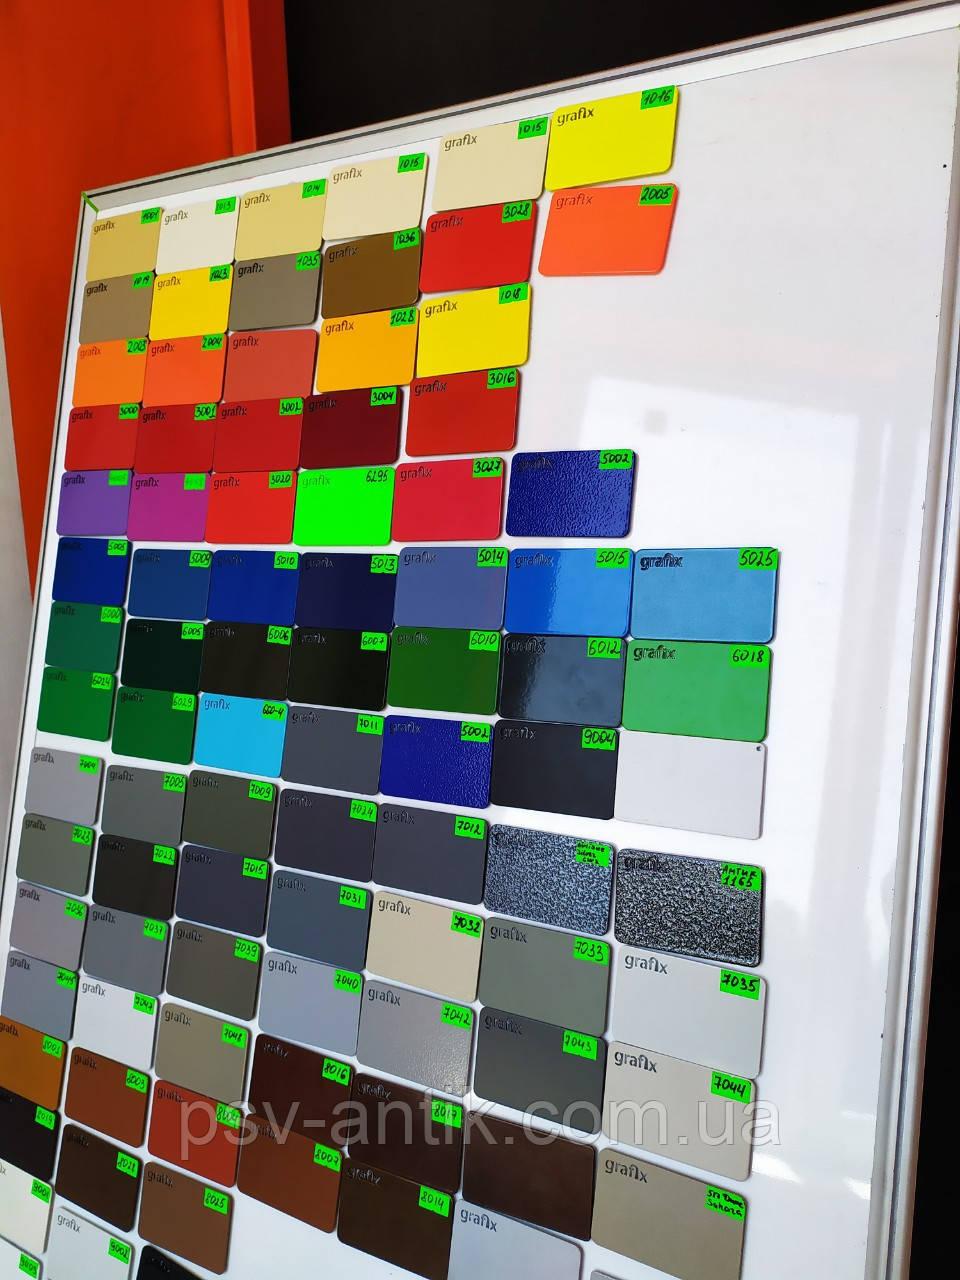 Порошковая краска структурная, полиэфирная, индустриальная, 1003